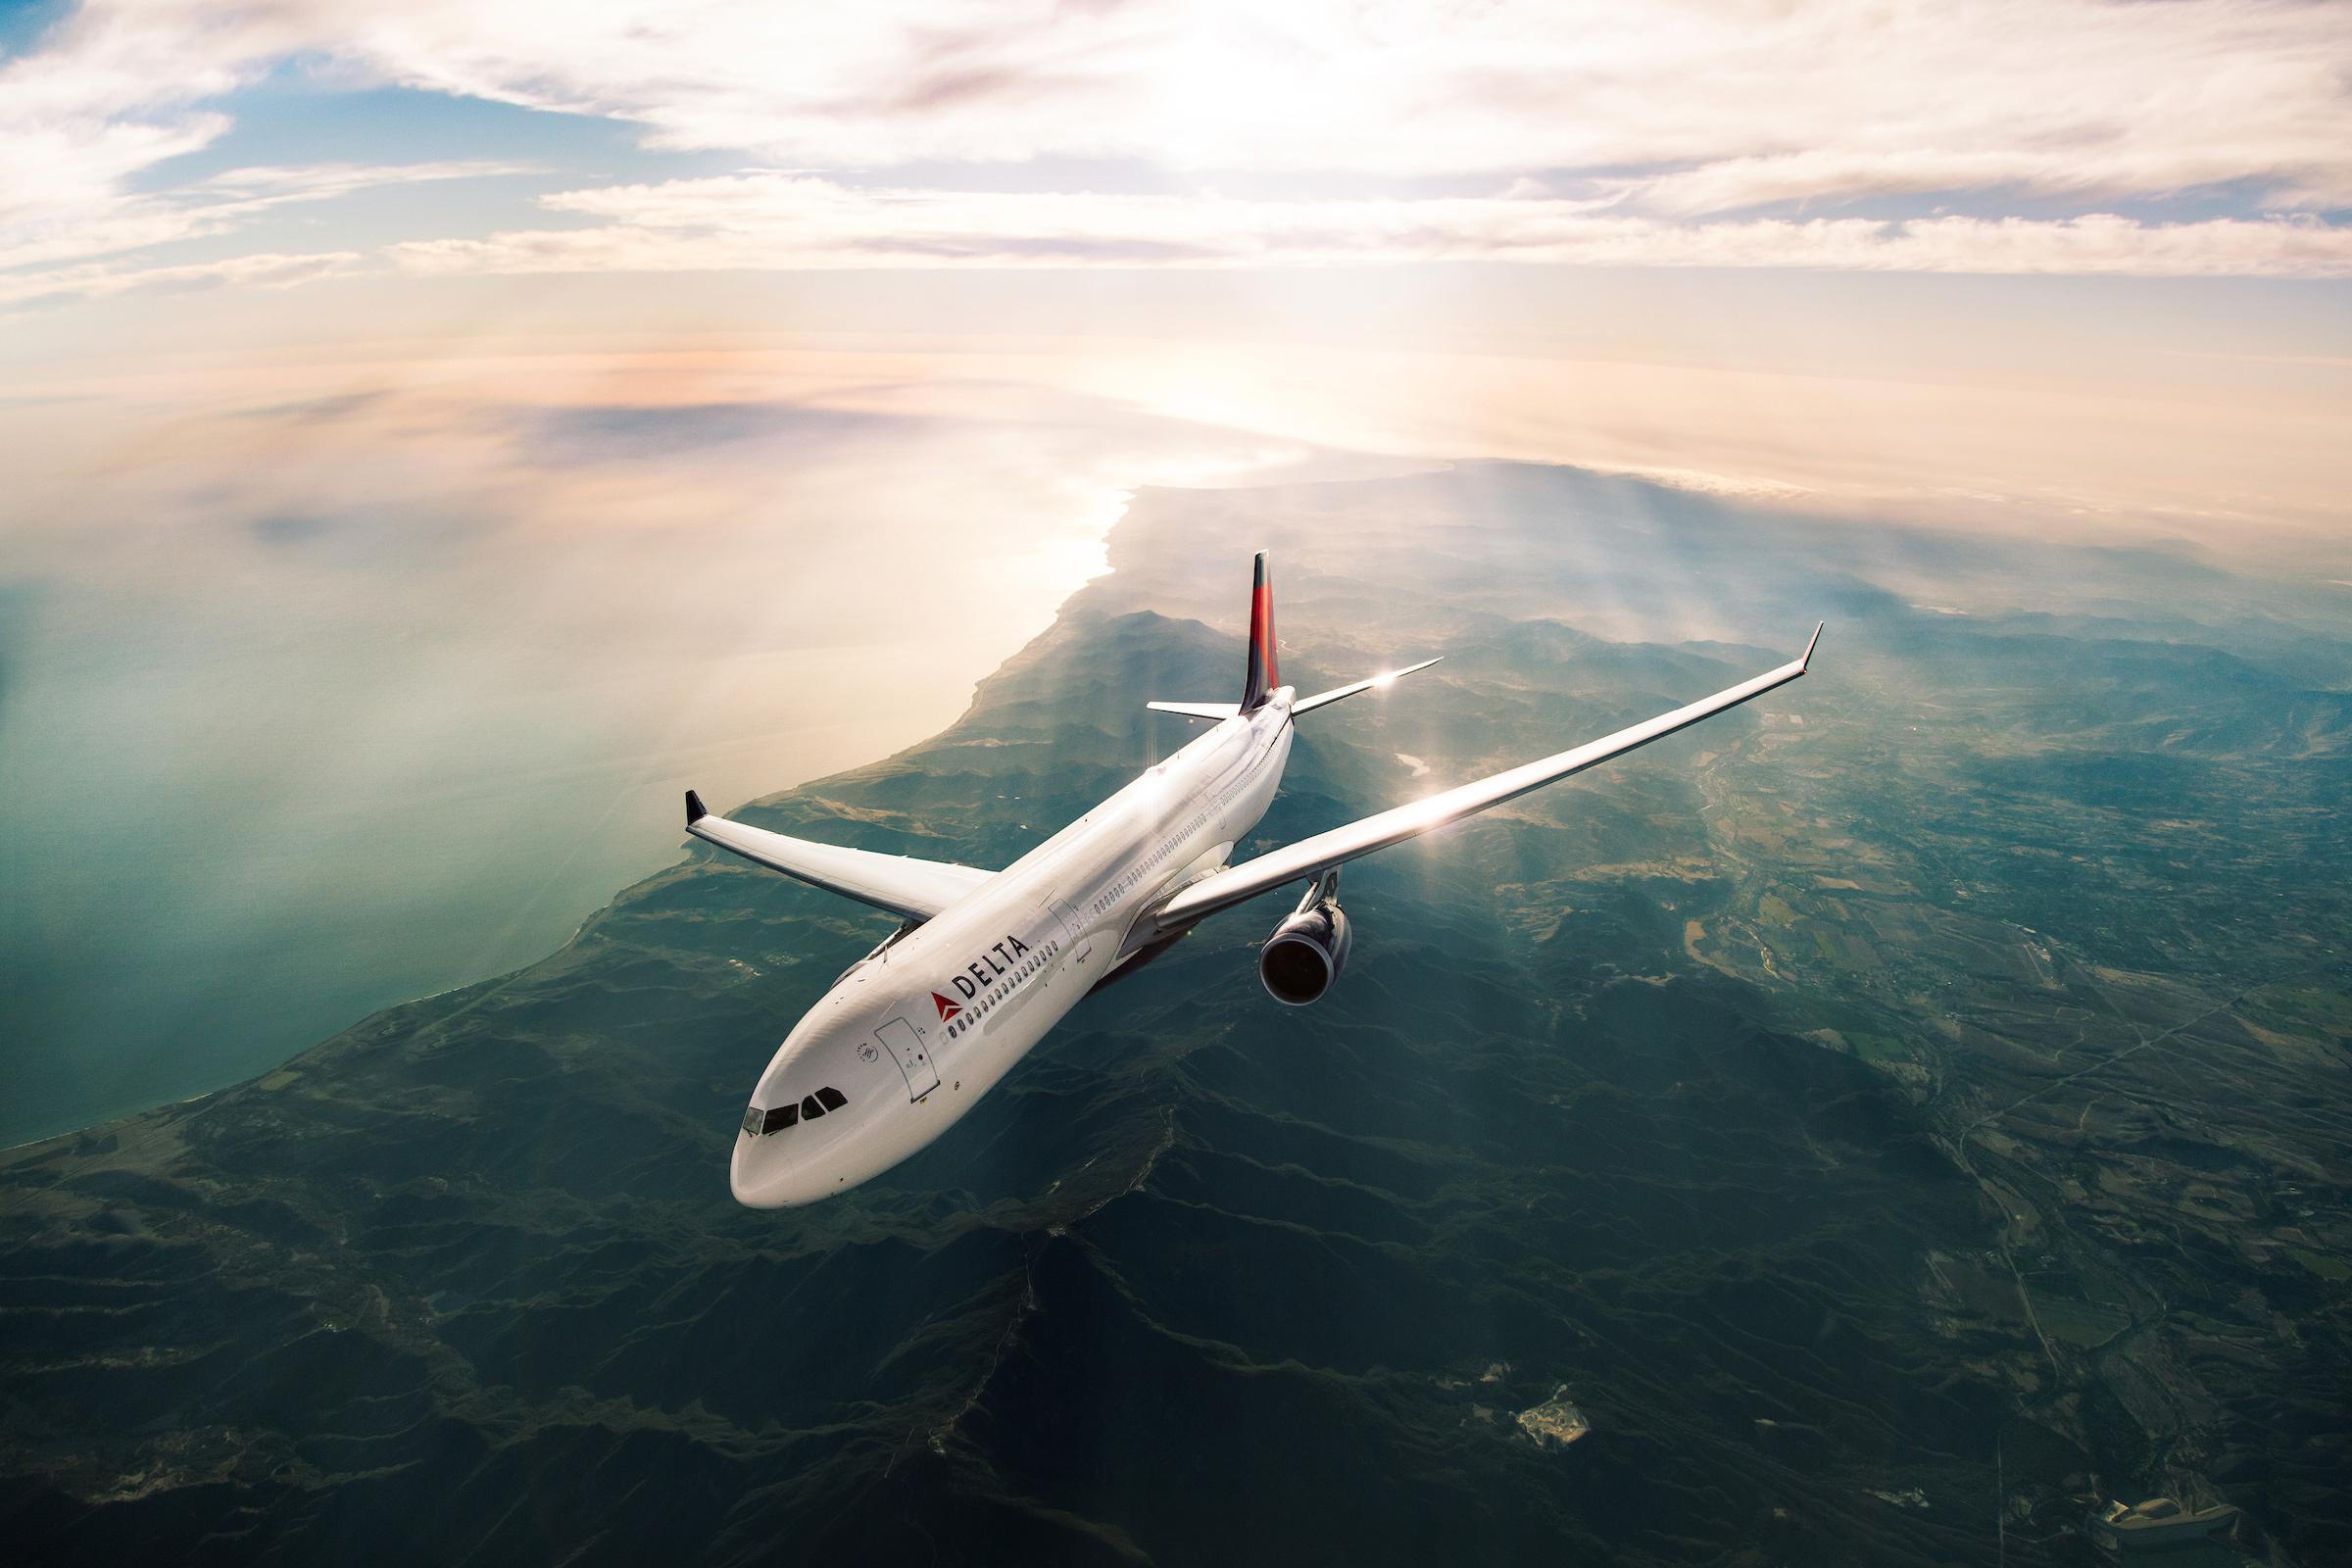 Delta's A330 in flight.